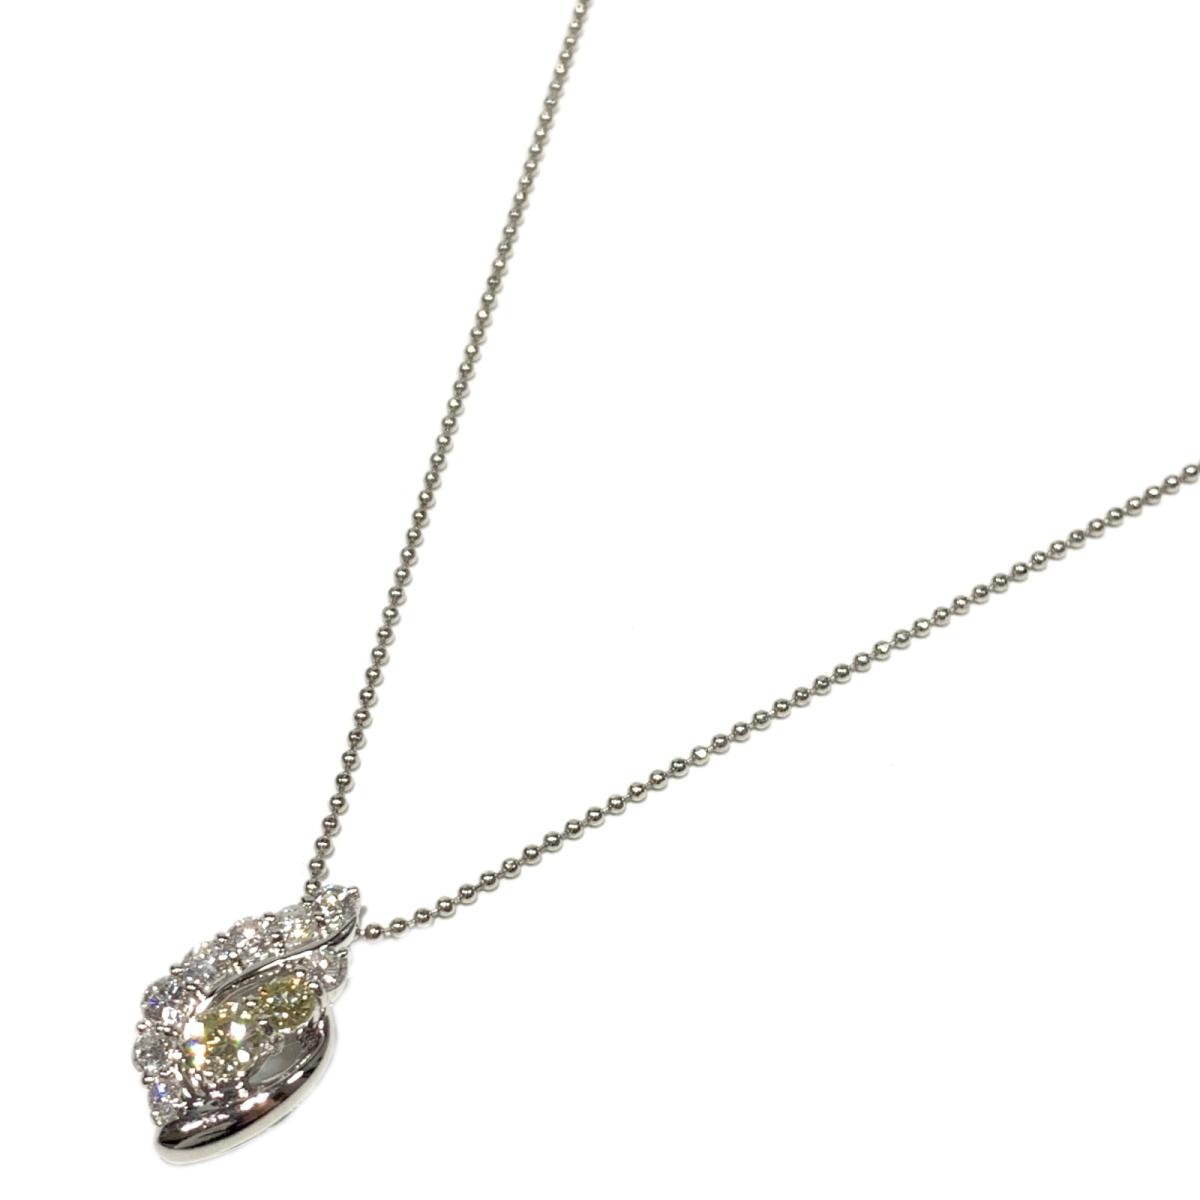 【中古】ジュエリー ダイヤモンド ネックレス レディース PT900 プラチナ x PT850 1.00ct シルバー   JEWELRY BRANDOFF ブランドオフ ブランド アクセサリー ペンダント